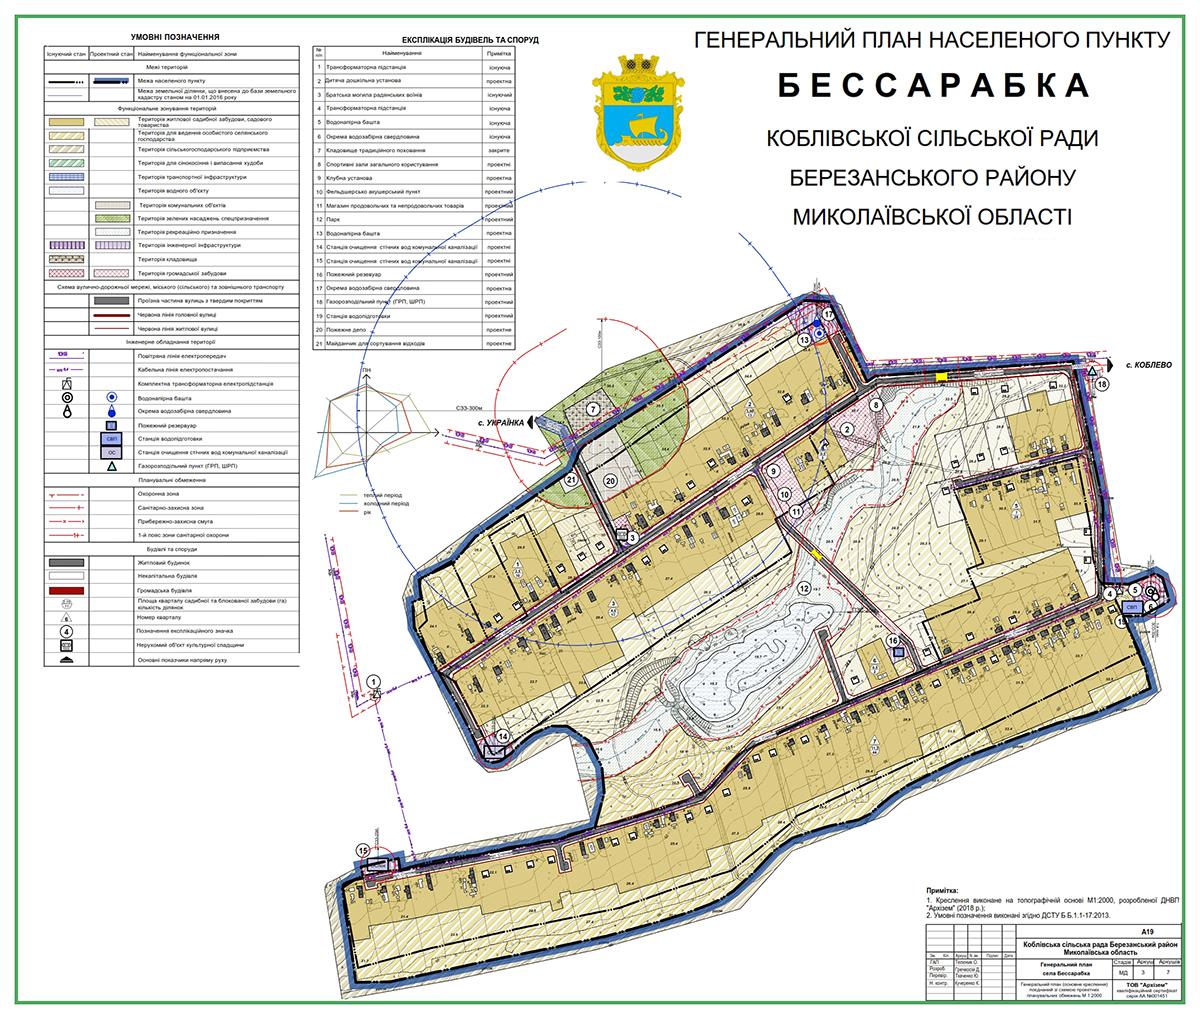 Генплан села Бессарабка